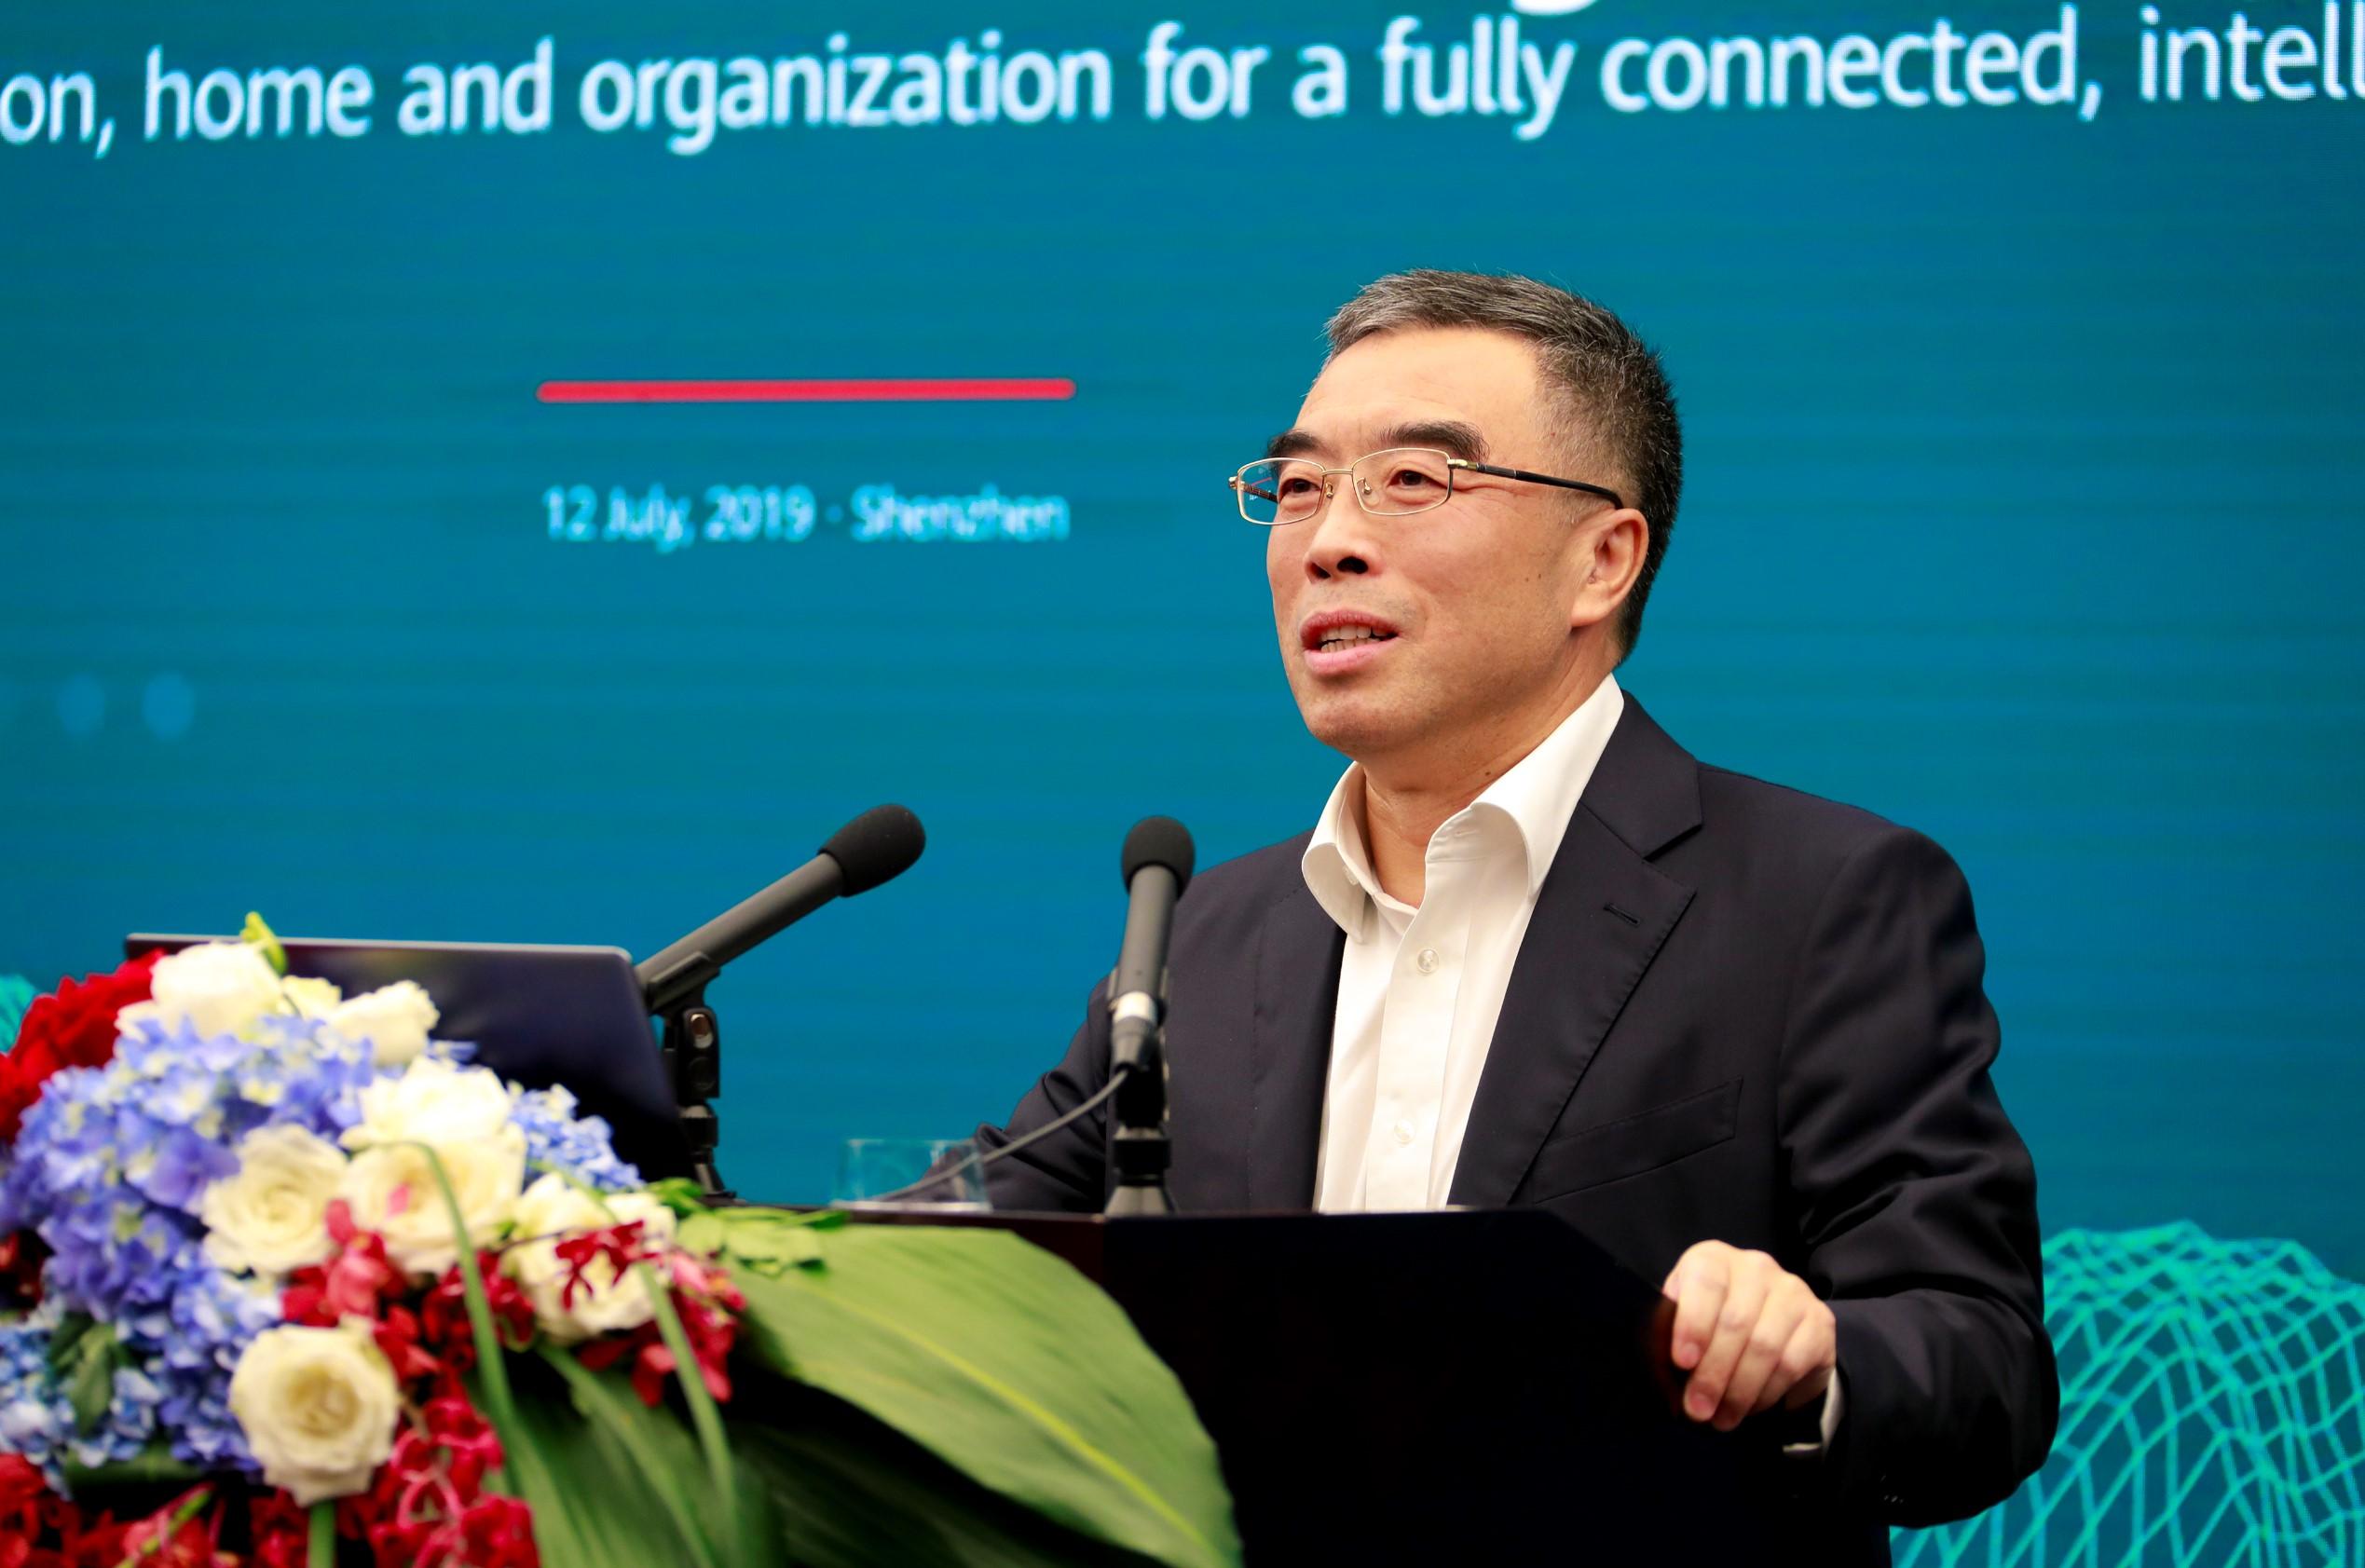 Bemutatta éves fenntarthatósági jelentését a Huawei